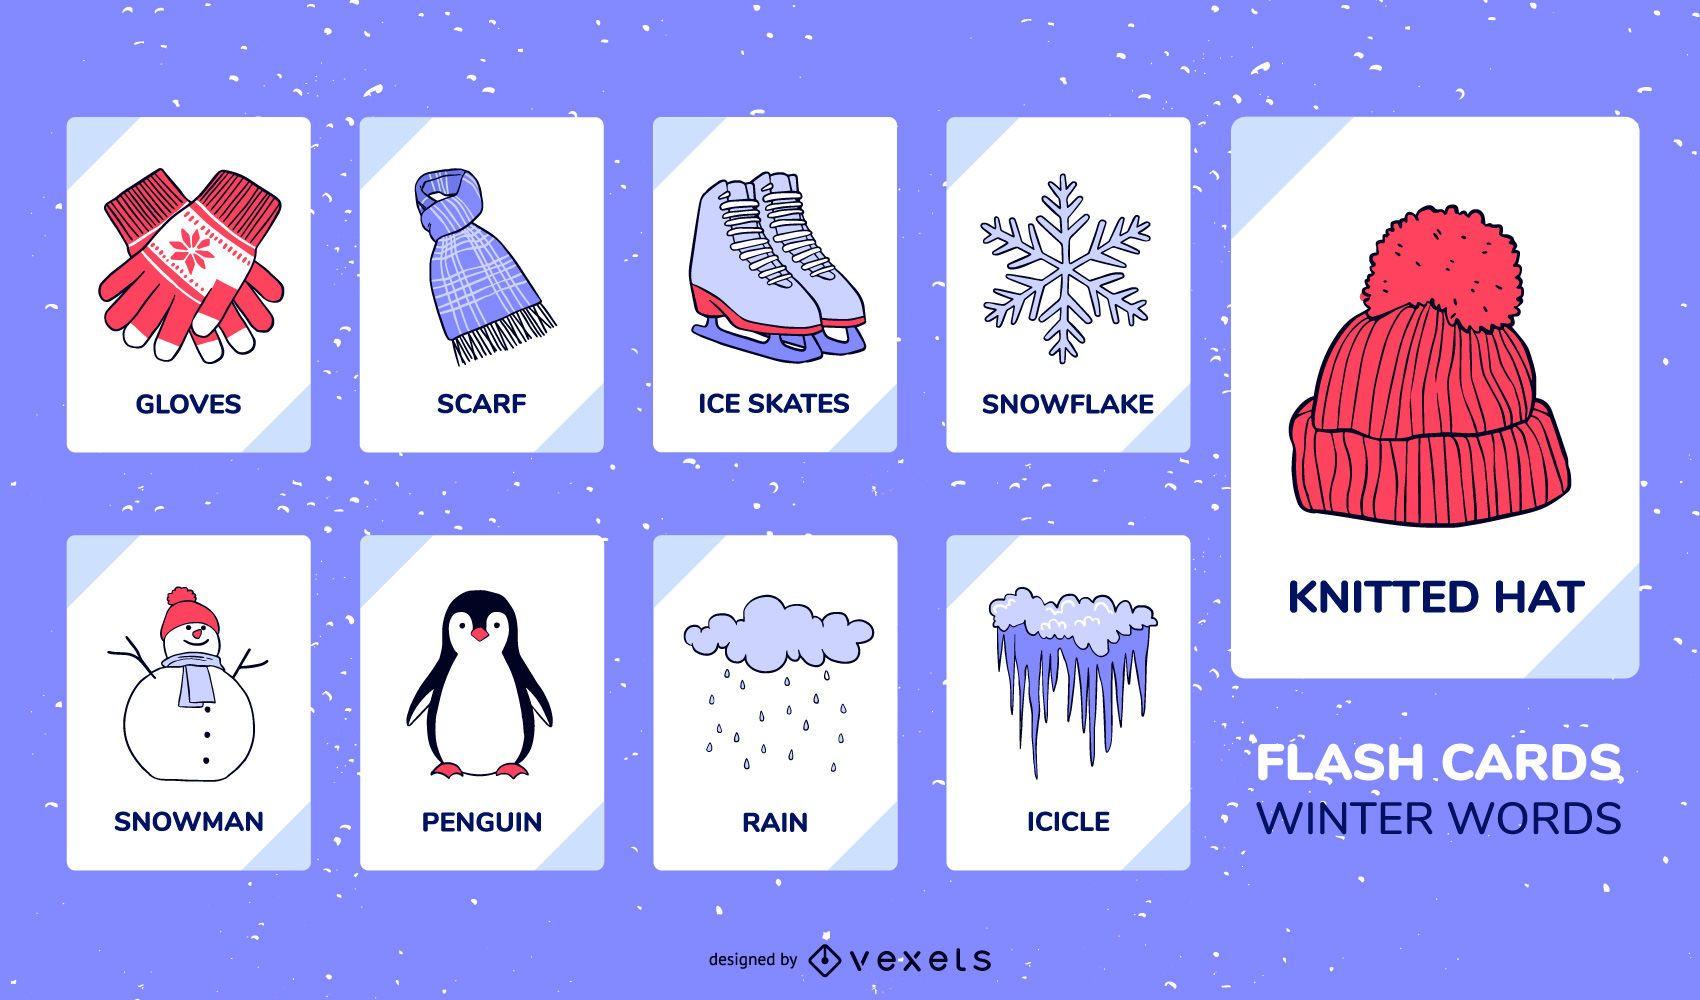 Conjunto de flashcard de elementos de invierno